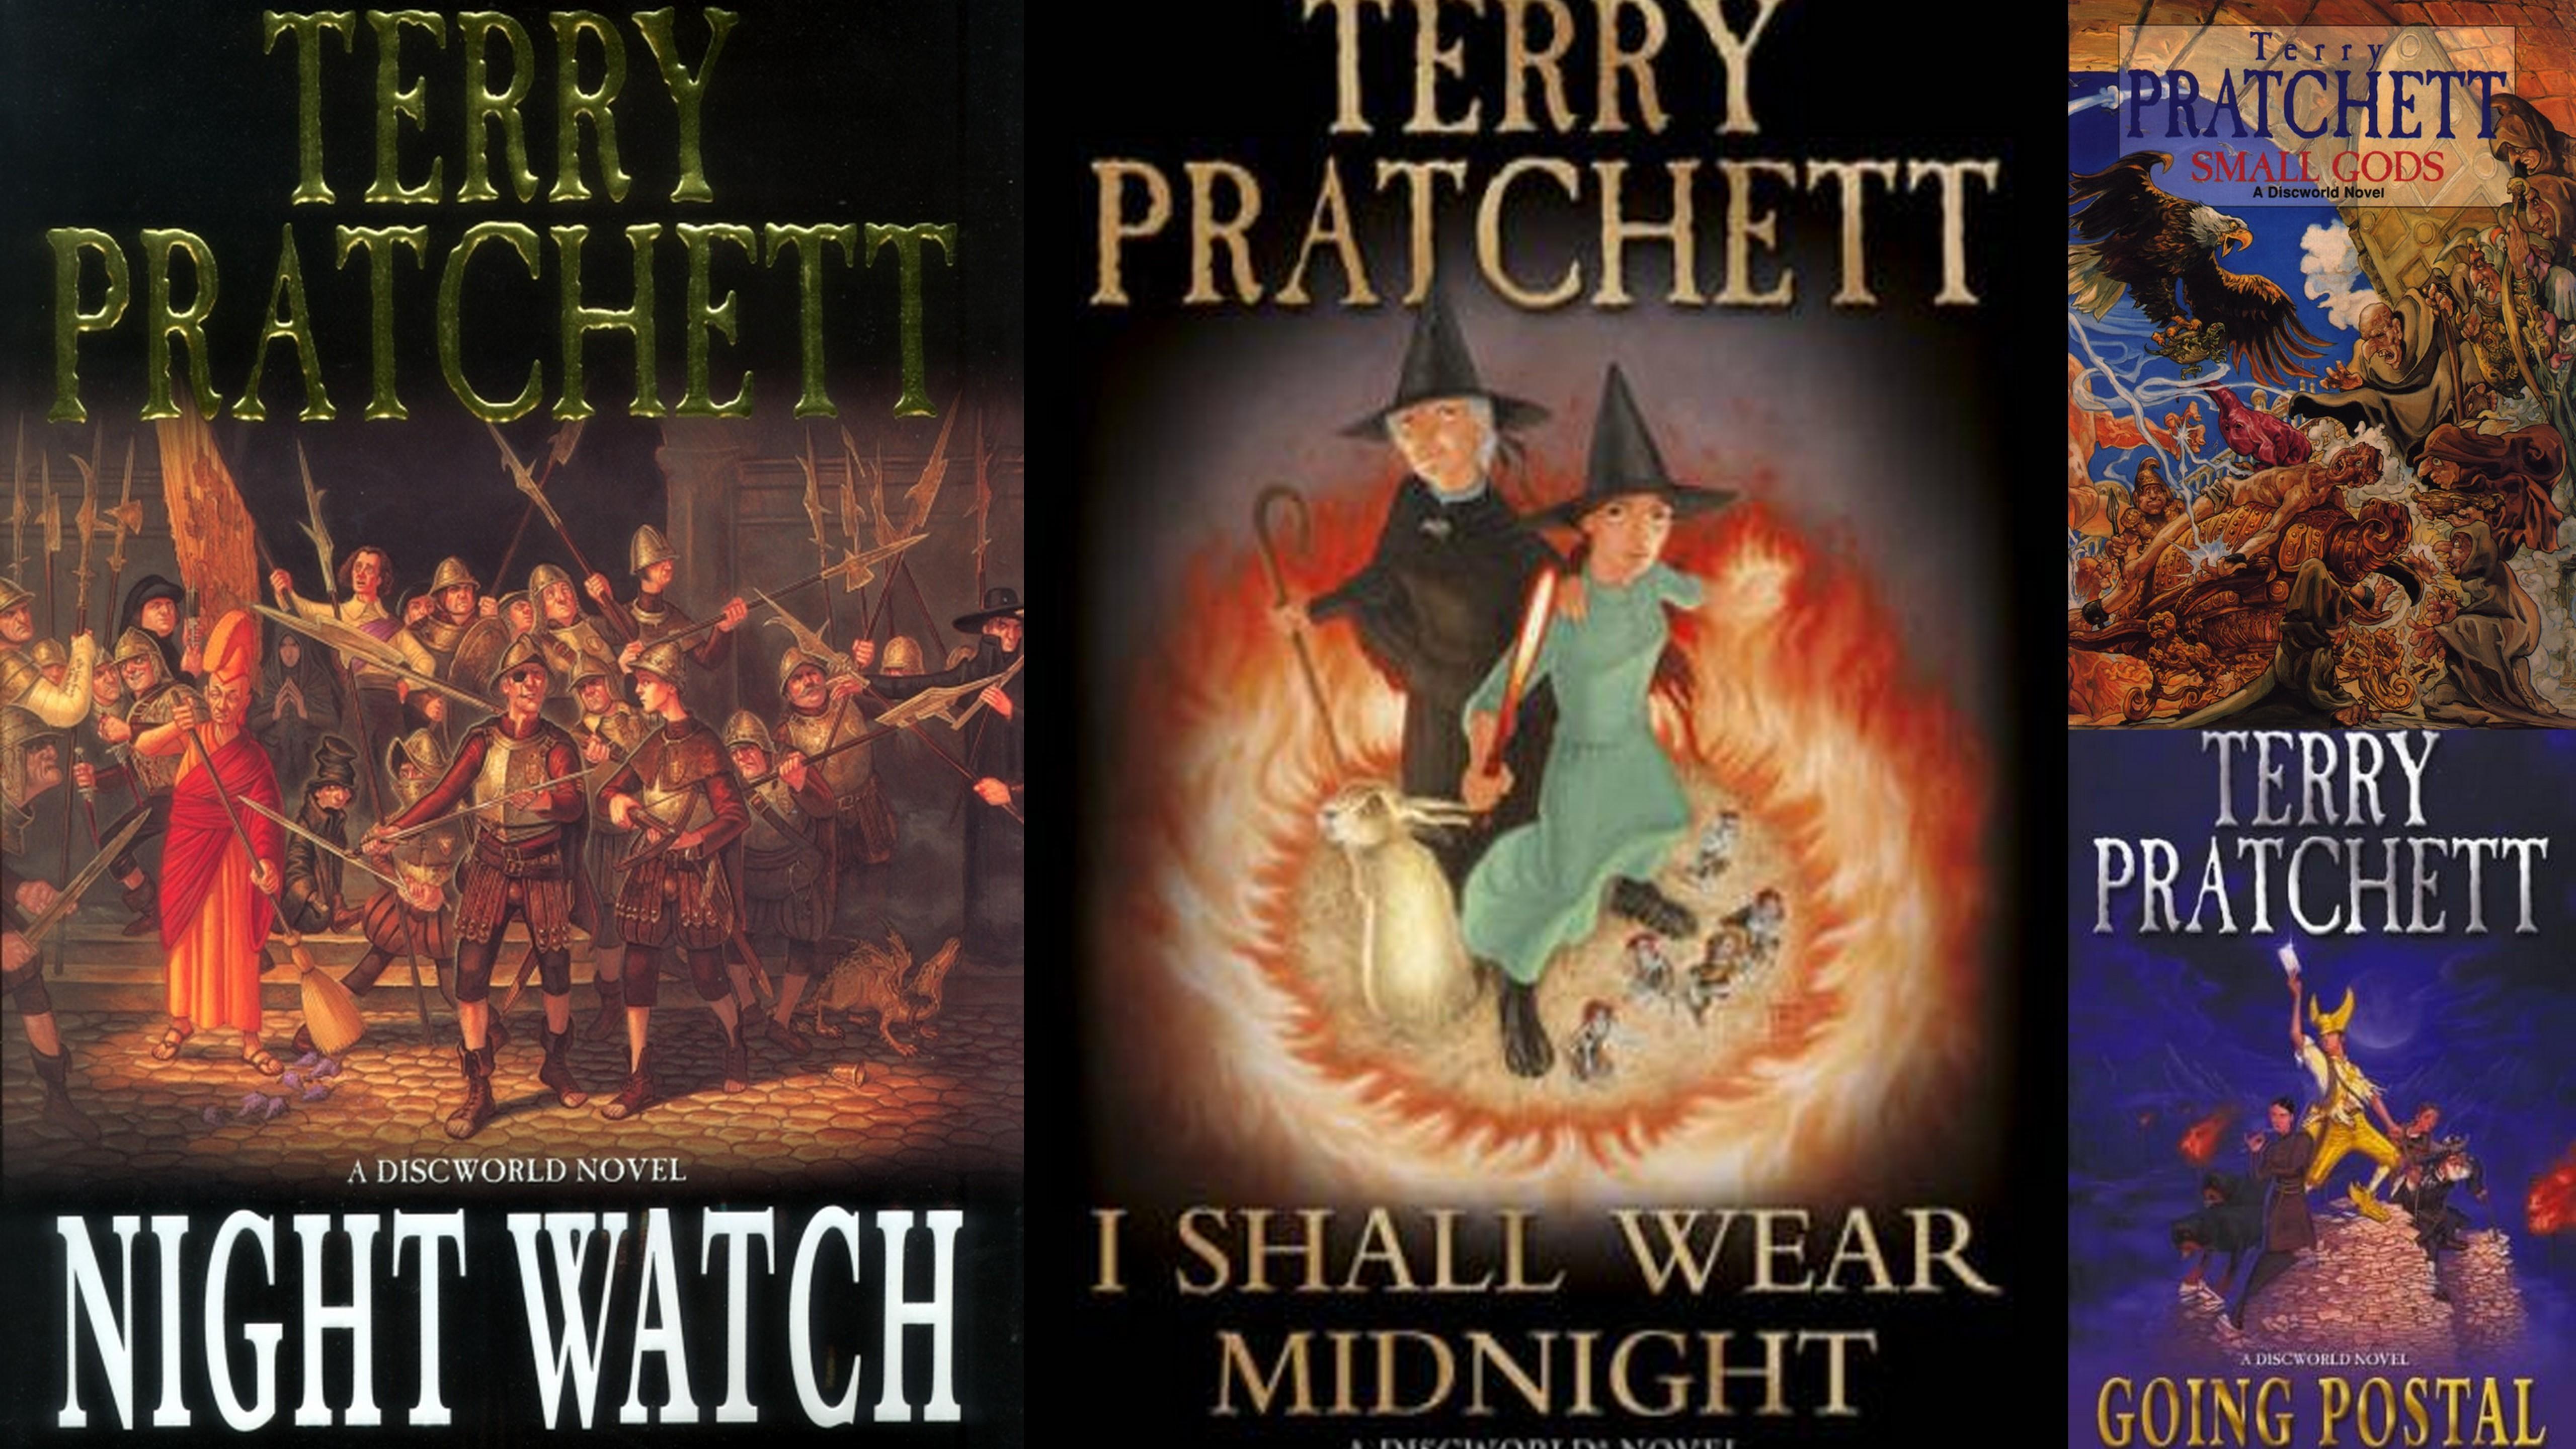 Terry Pratchett collage